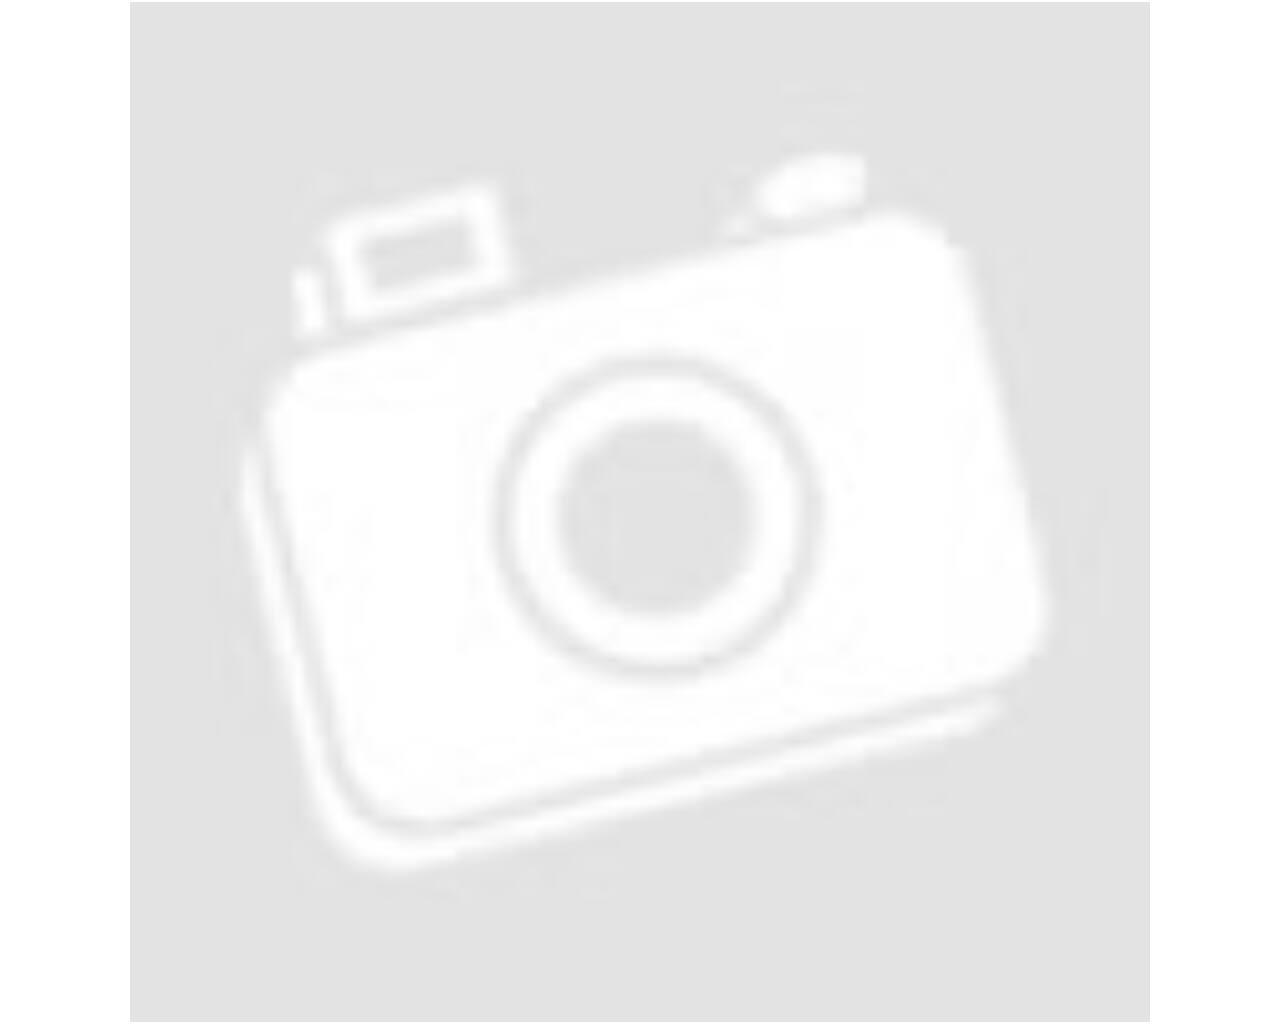 Arthema Vela mosdókagyló, 75cm